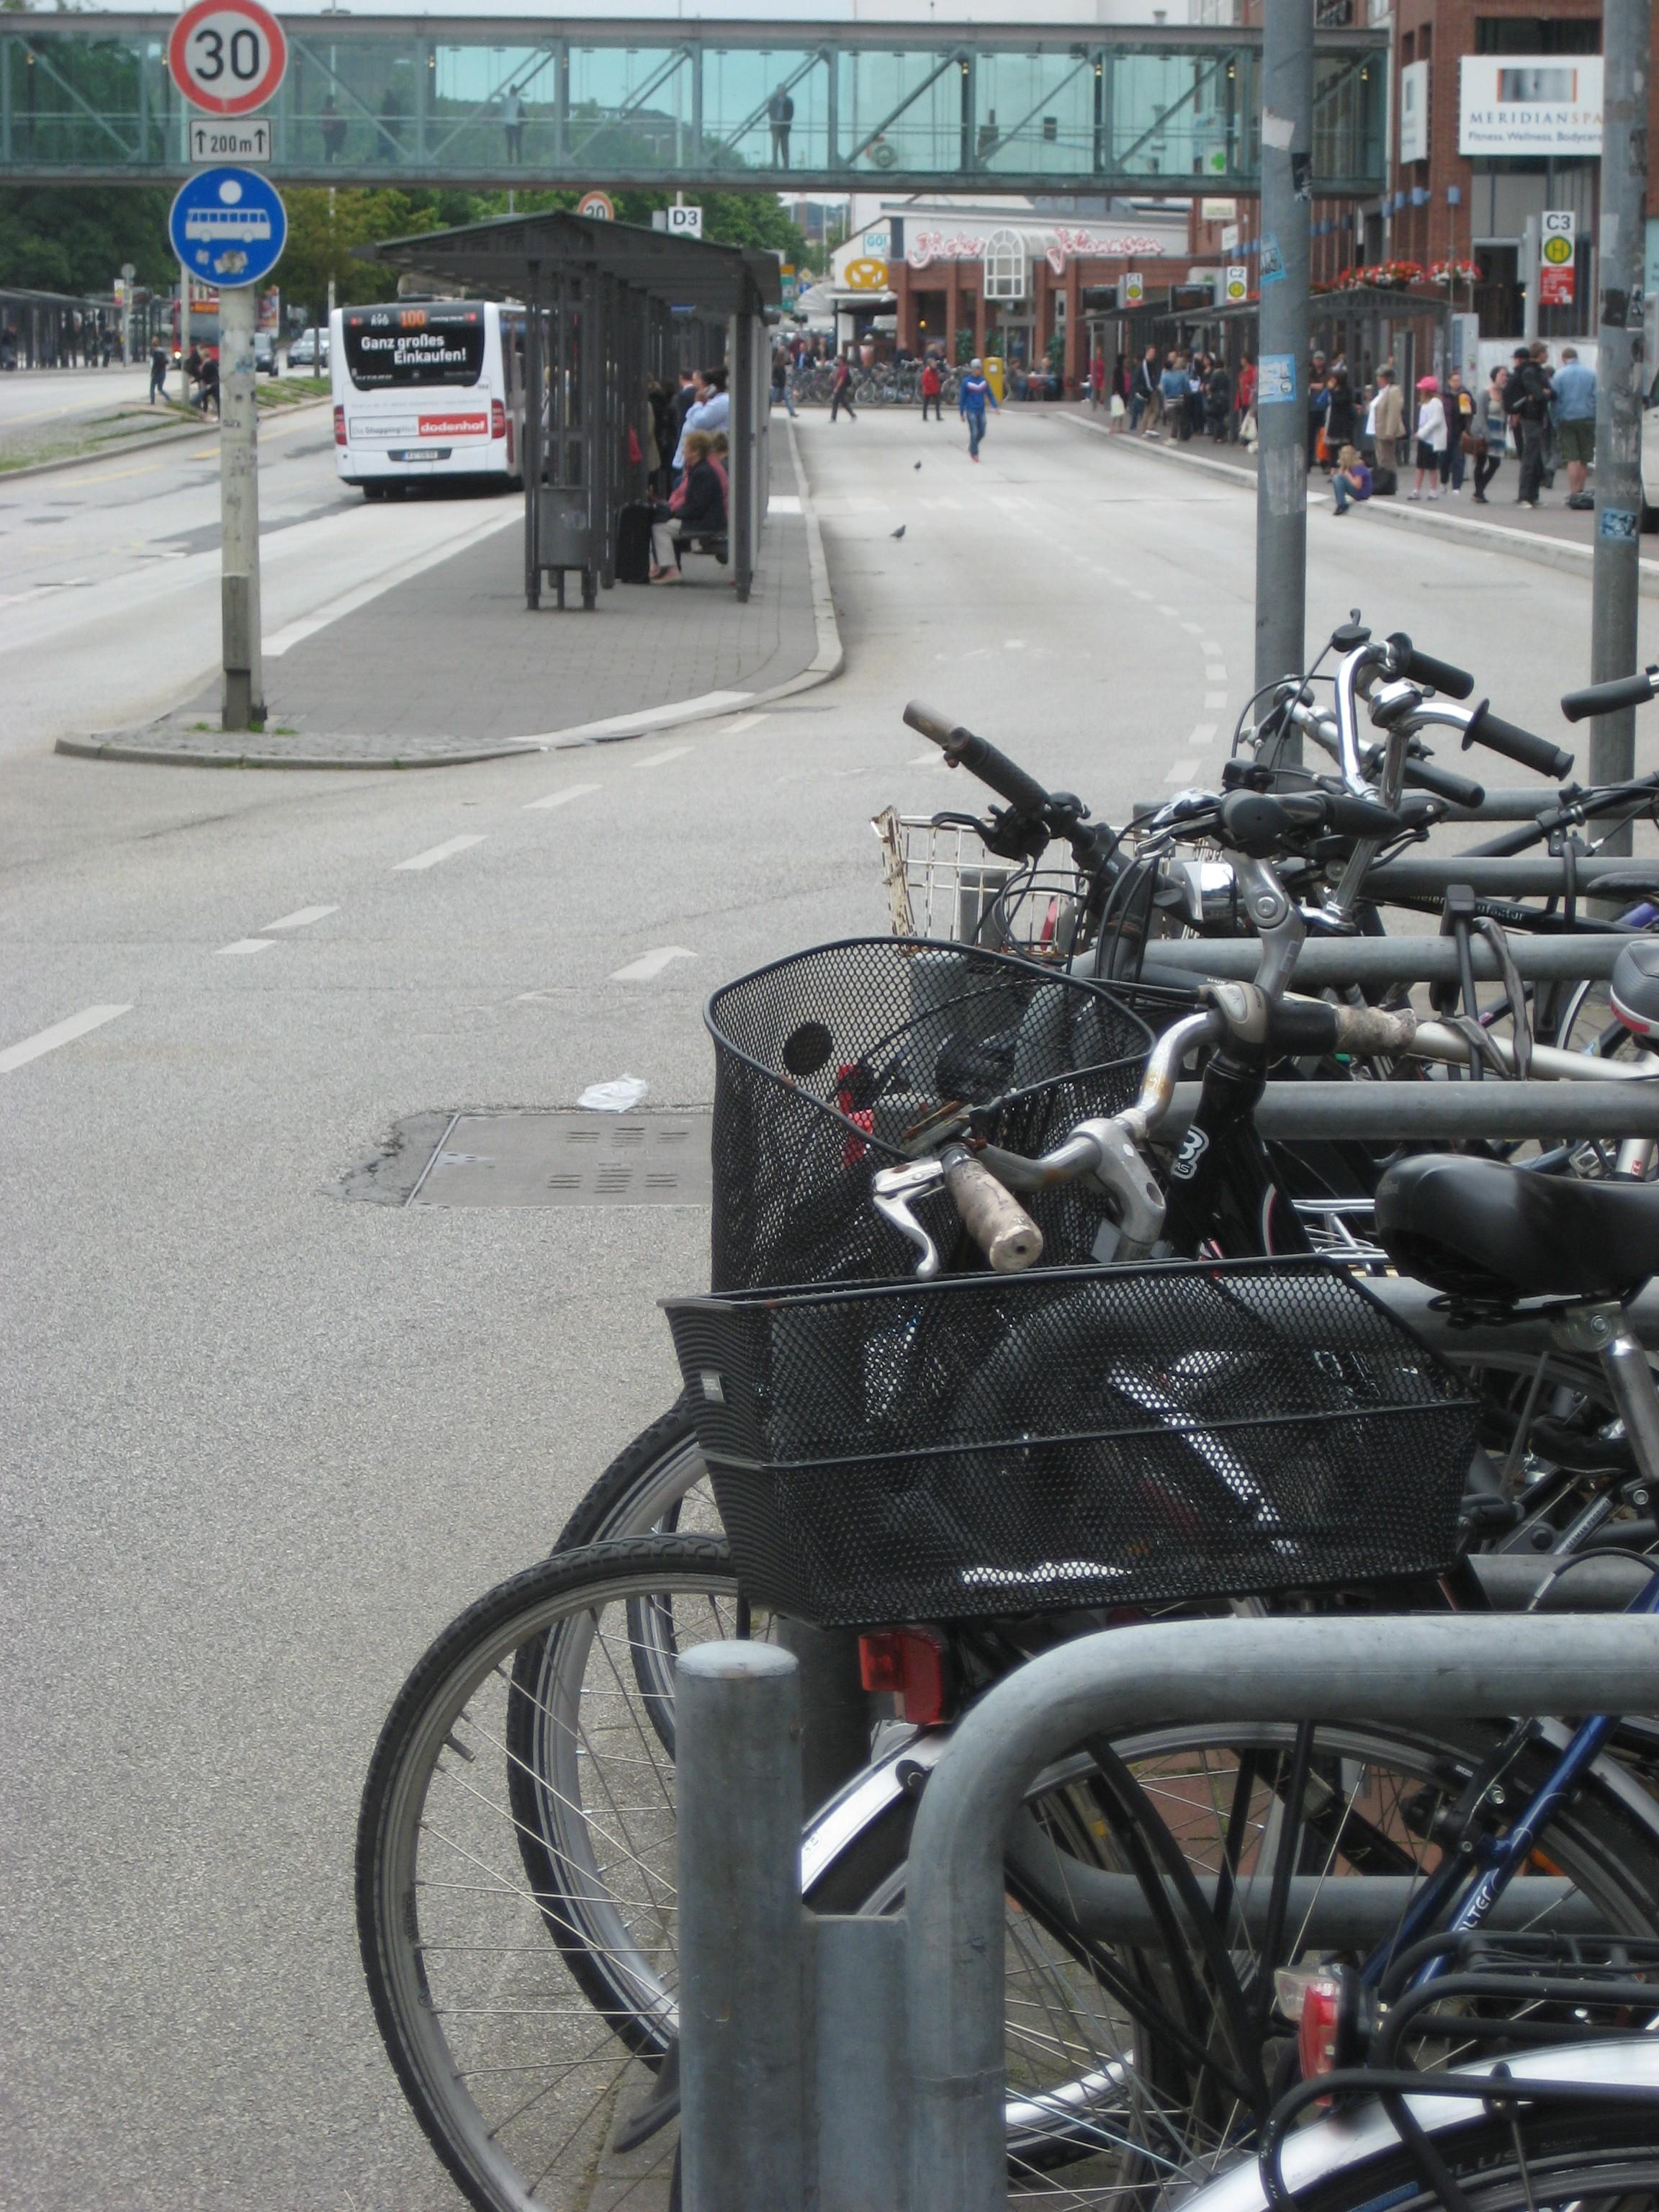 Kiel Bus Interchange